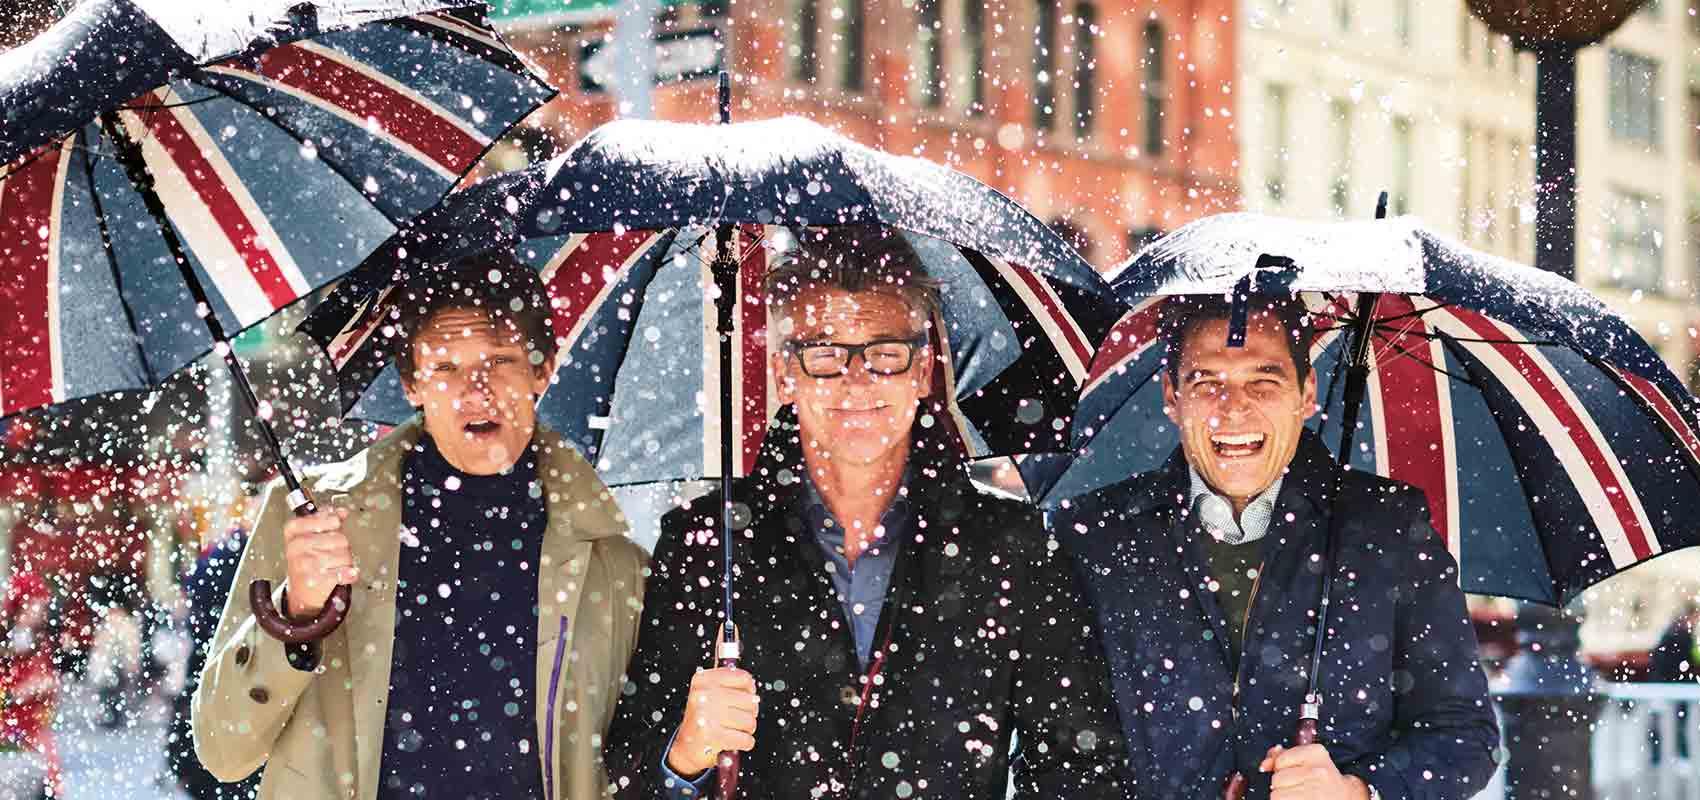 Charles Tyrwhitt umbrellas